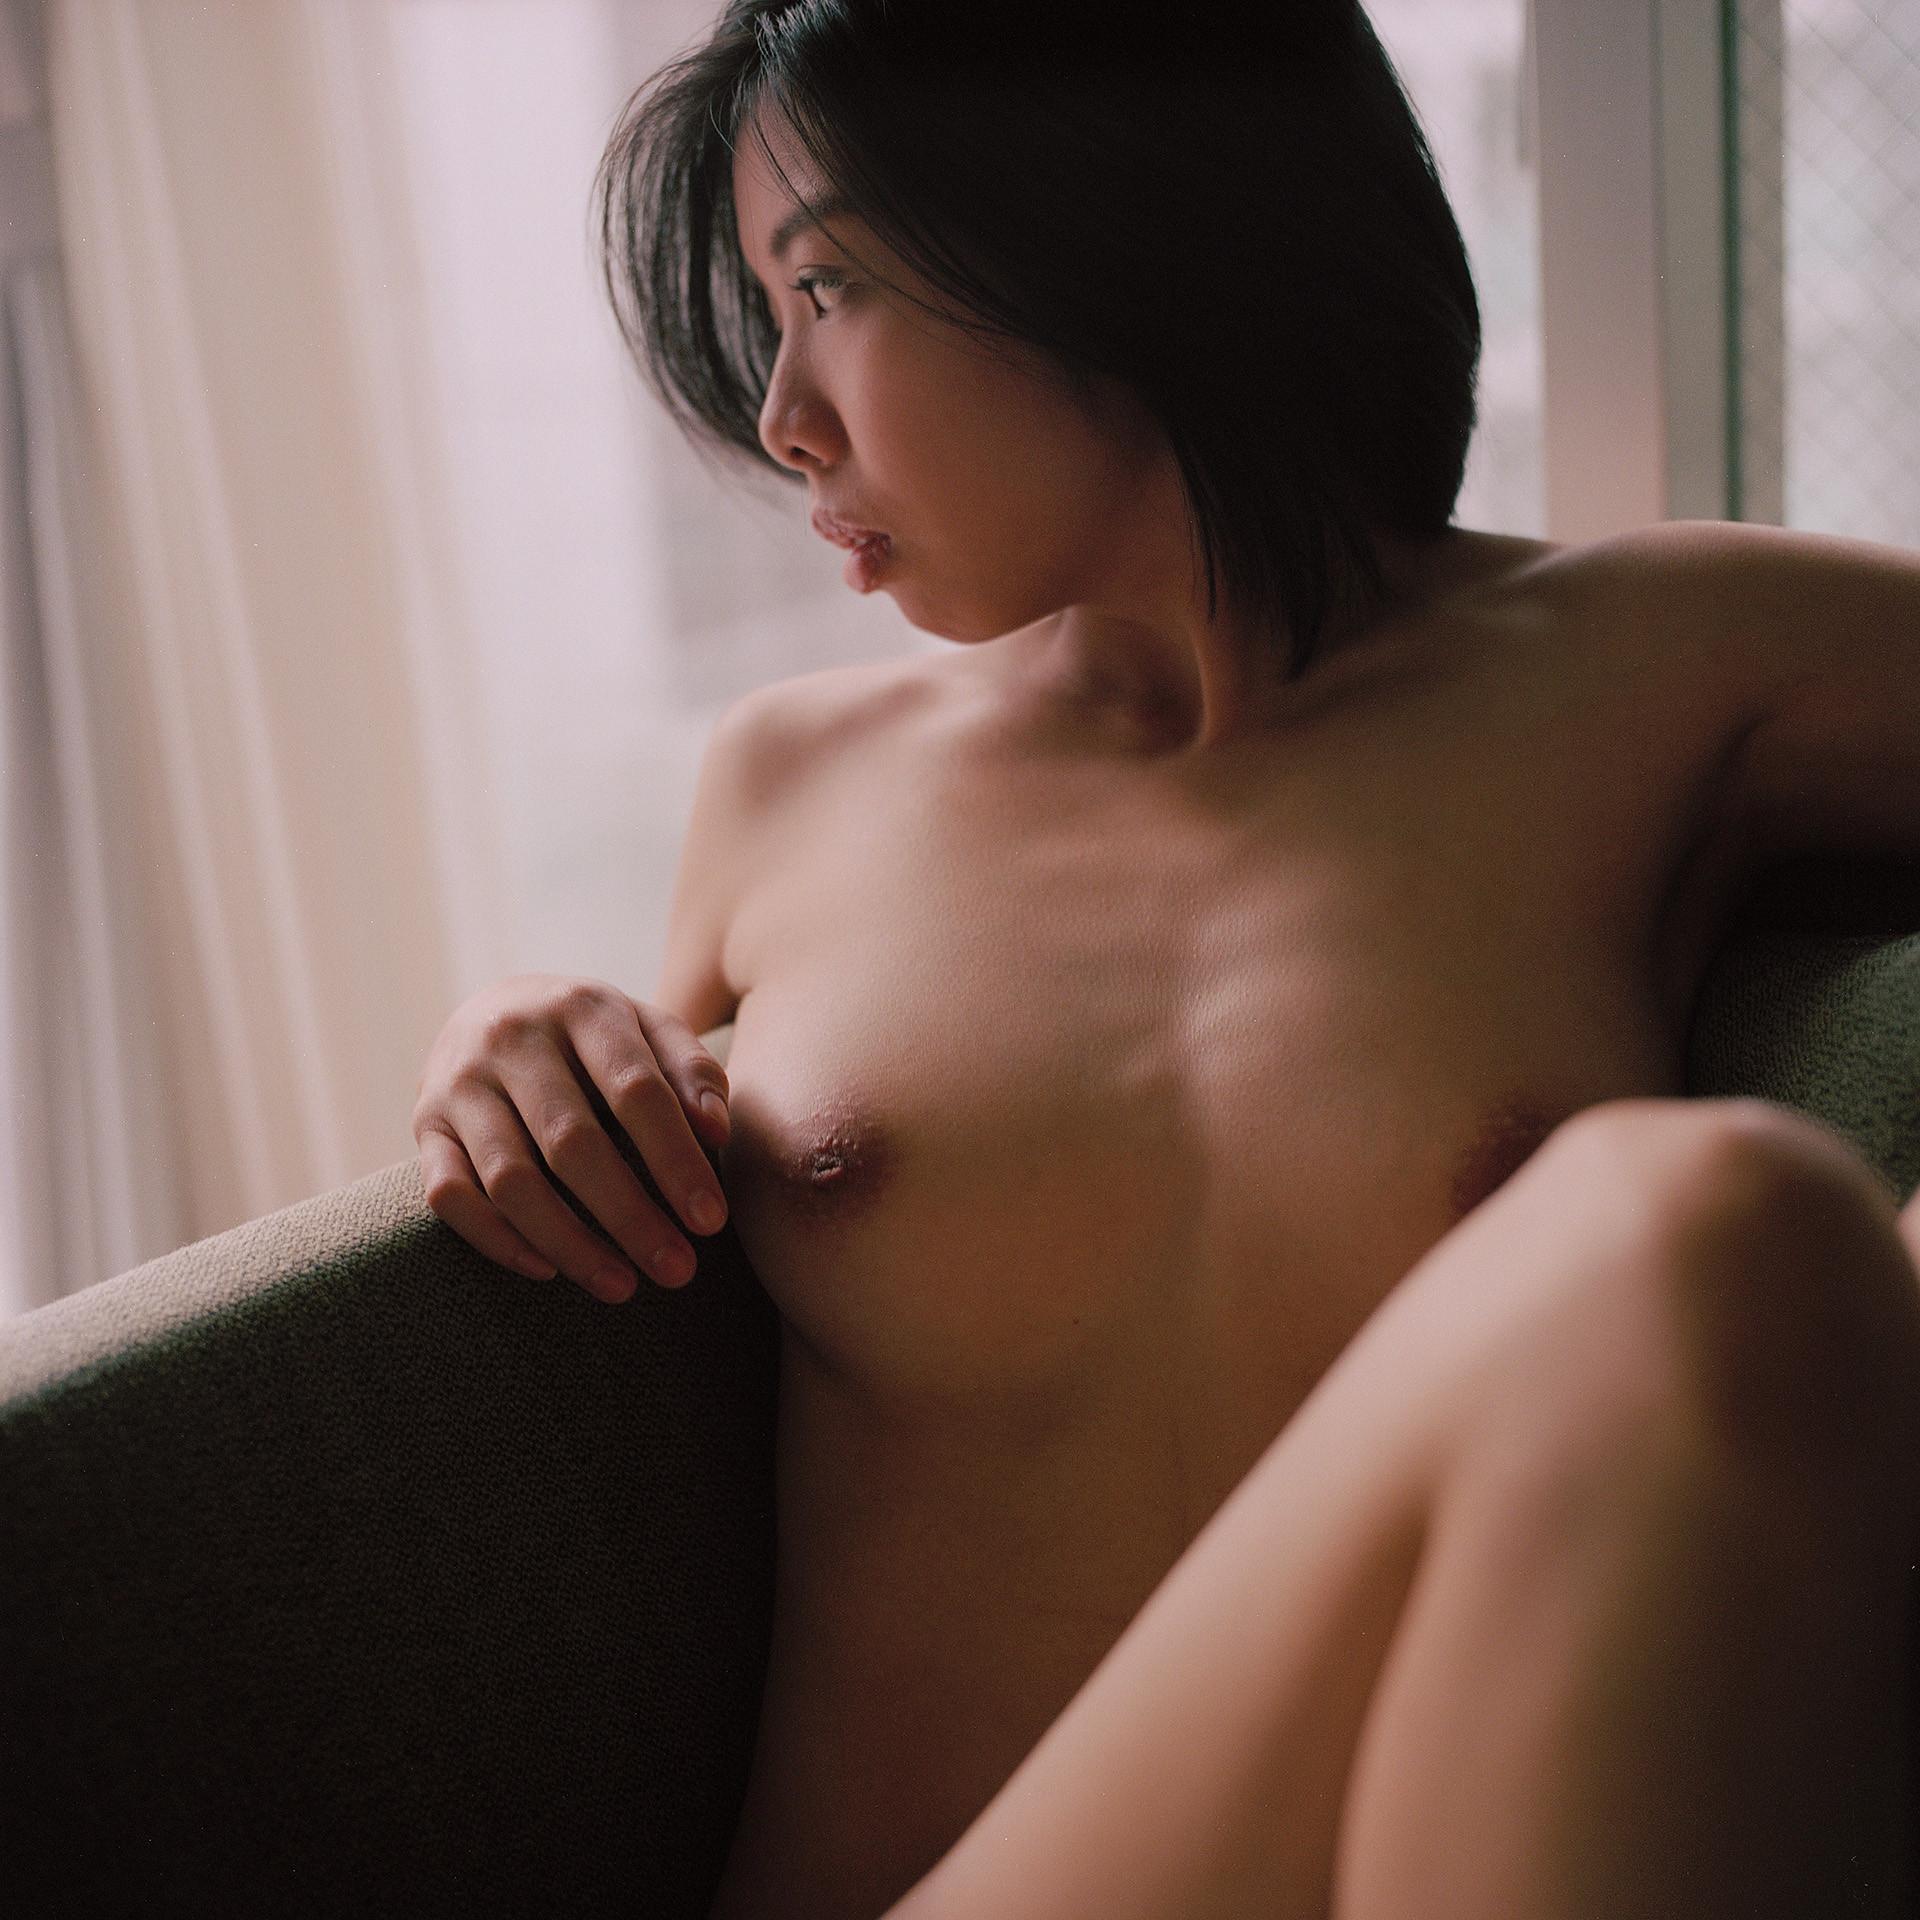 beauty_of_loneliness_13.jpg